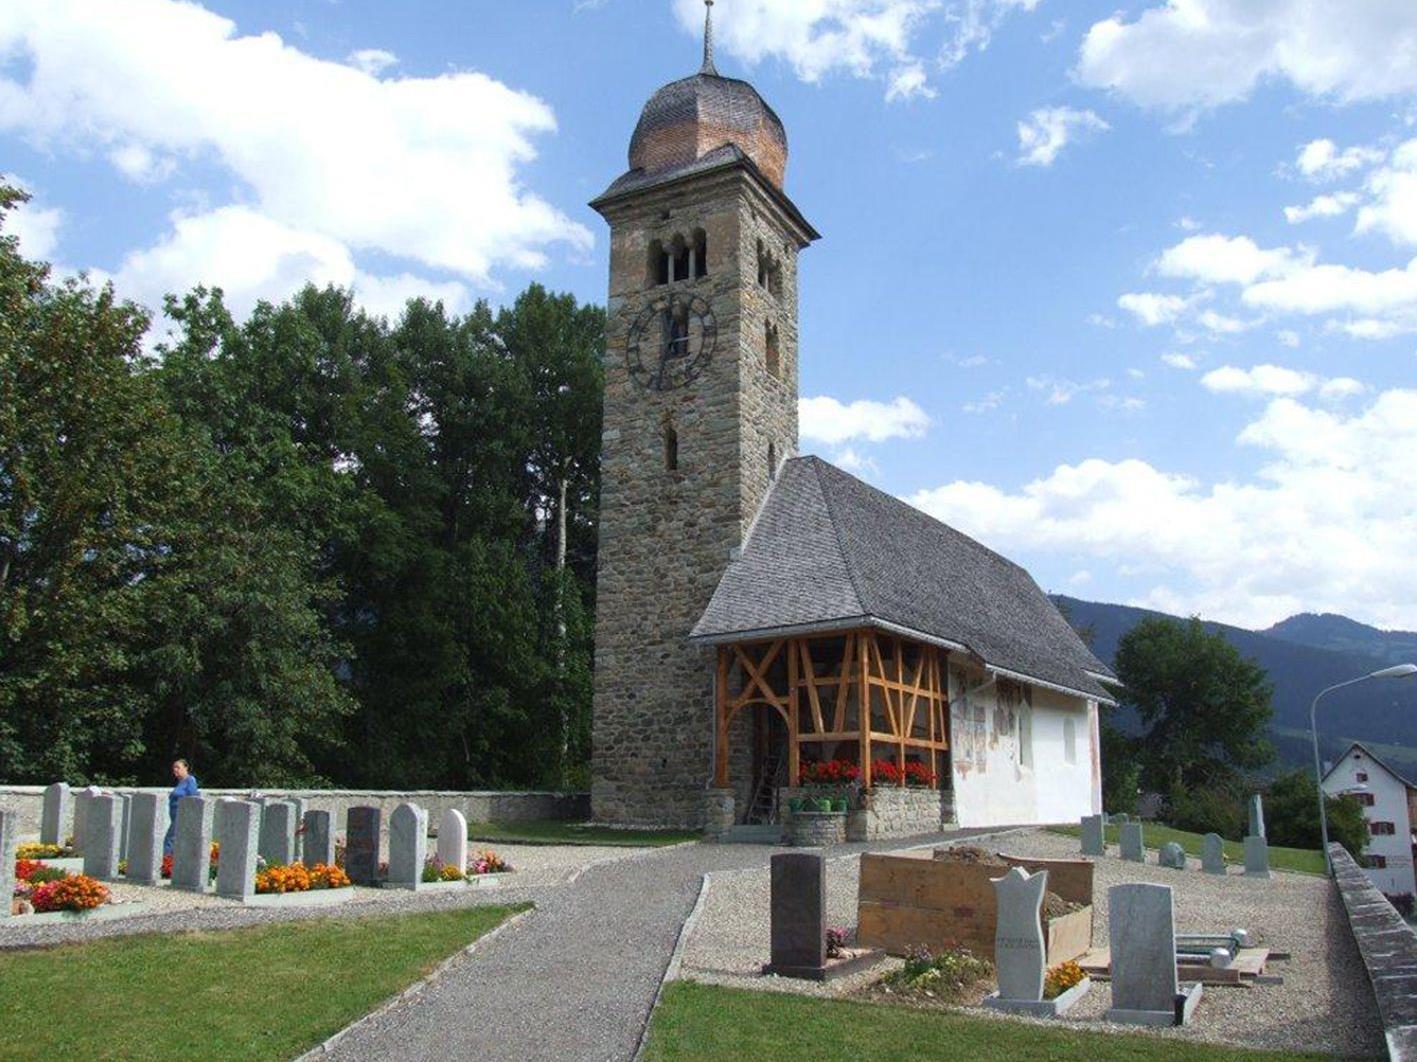 Auch Waltensburg im Bündner Oberland liegt auf dem Weg der Kulturwanderung mit Werner Mathis.